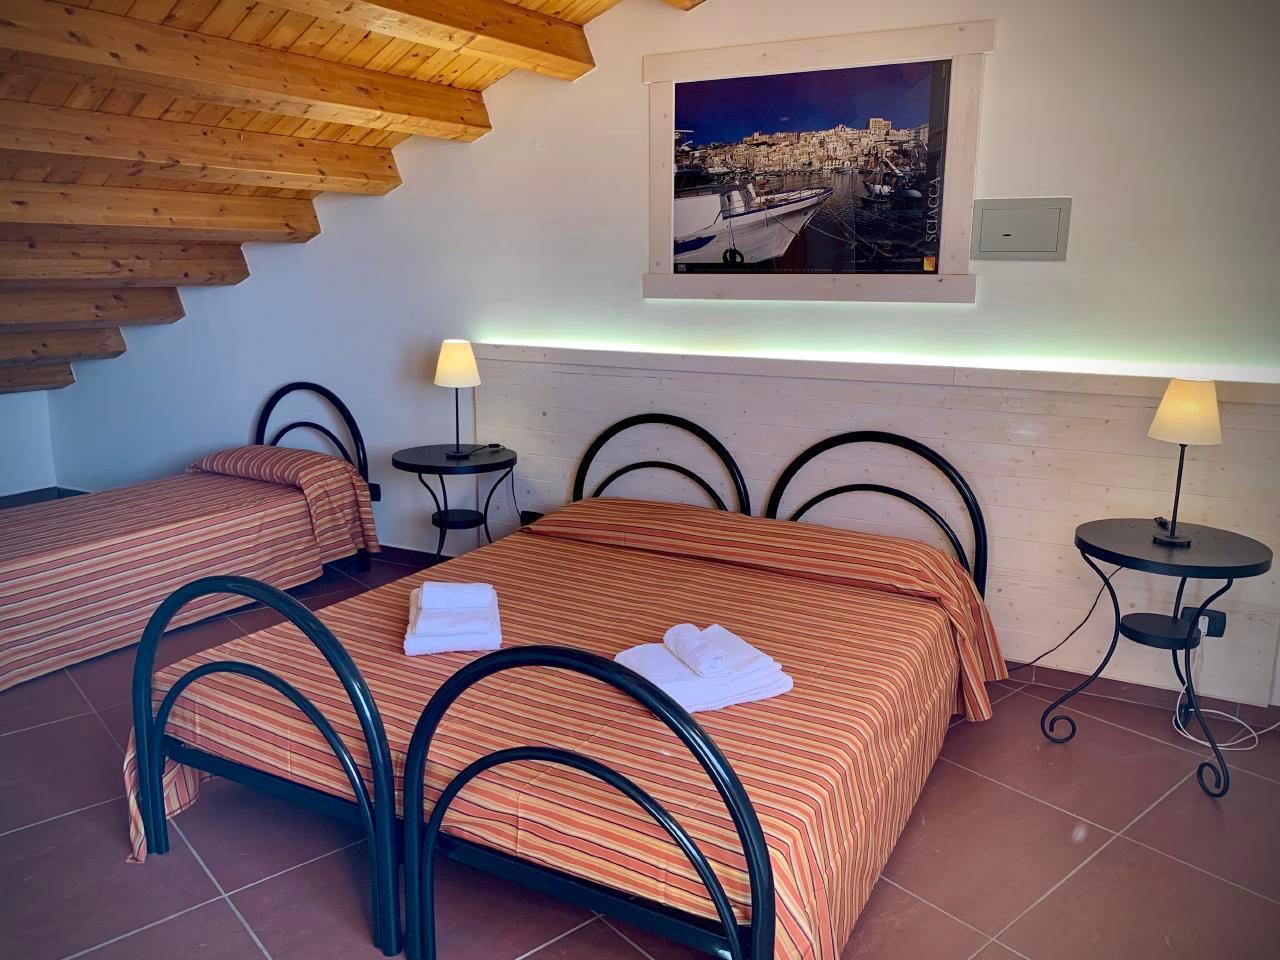 Ferienhaus Ferienwohnungen (405224), Sciacca, Agrigento, Sizilien, Italien, Bild 12